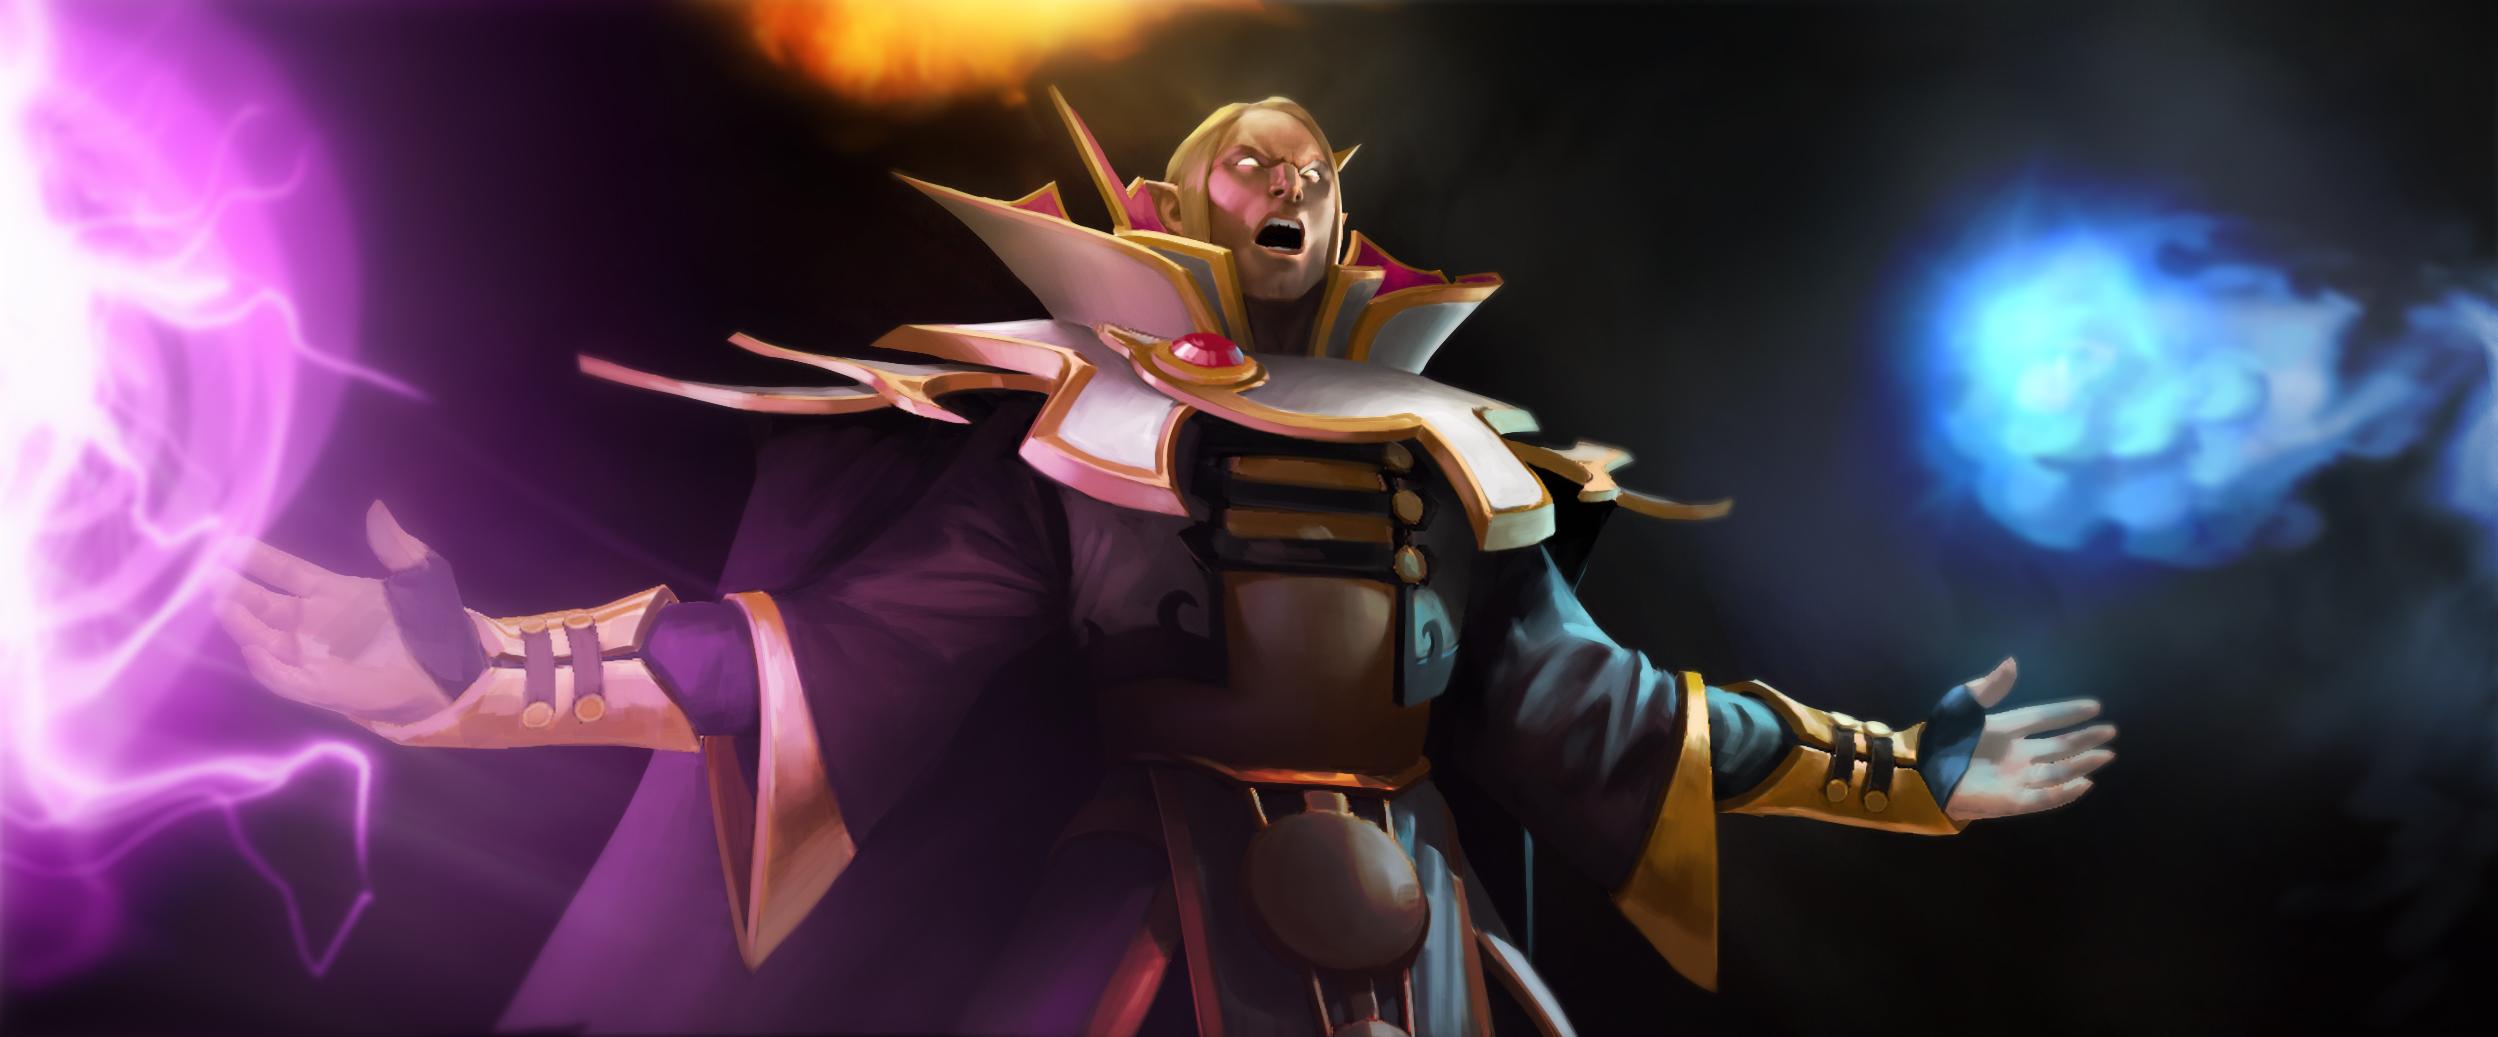 Loạt ảnh nguyên họa của các hero trong DotA 2 - Ảnh 12